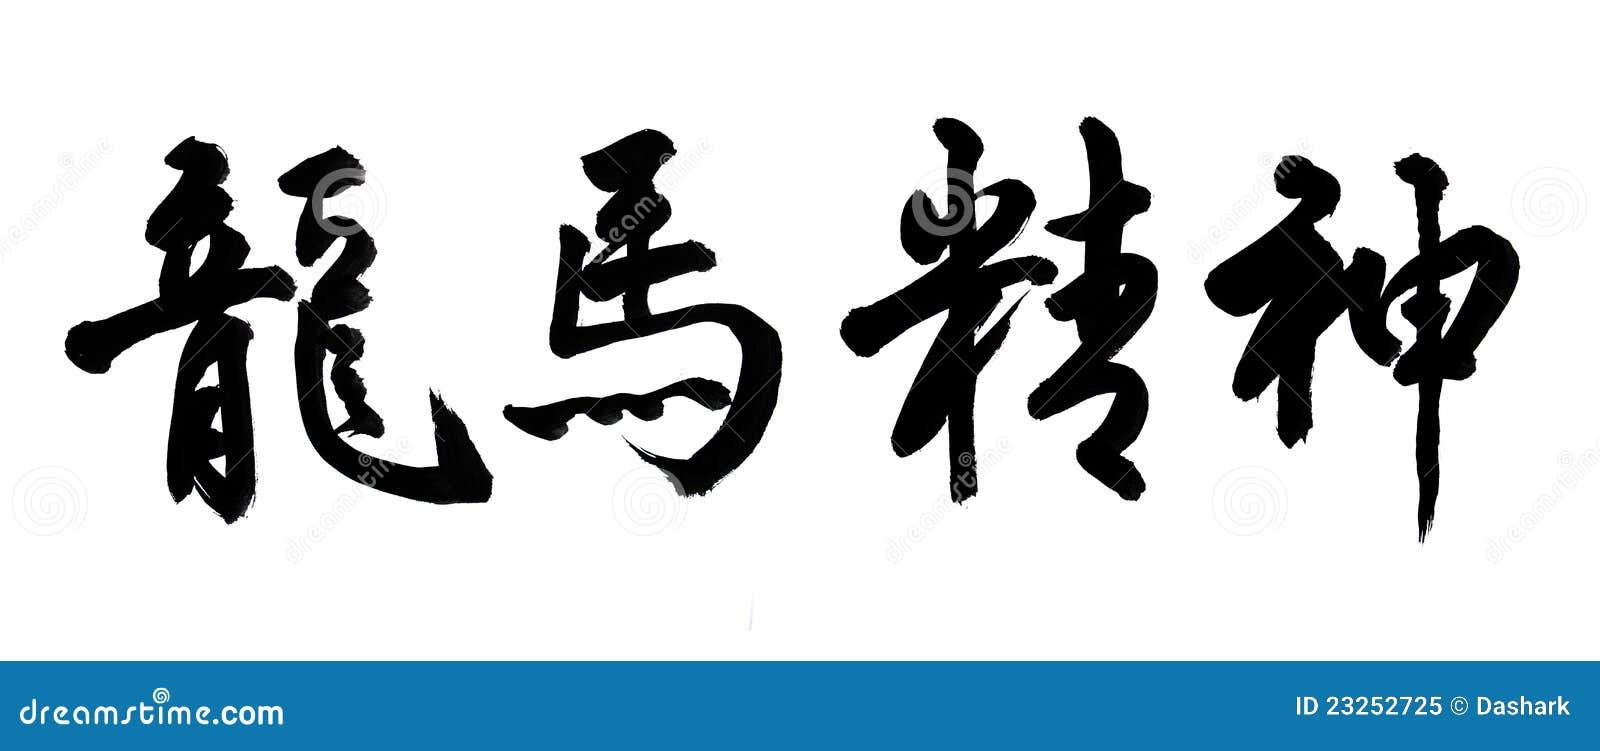 Kalligraphie-Durchschnitt Drache Des Chinesischen Neujahrsfests ...